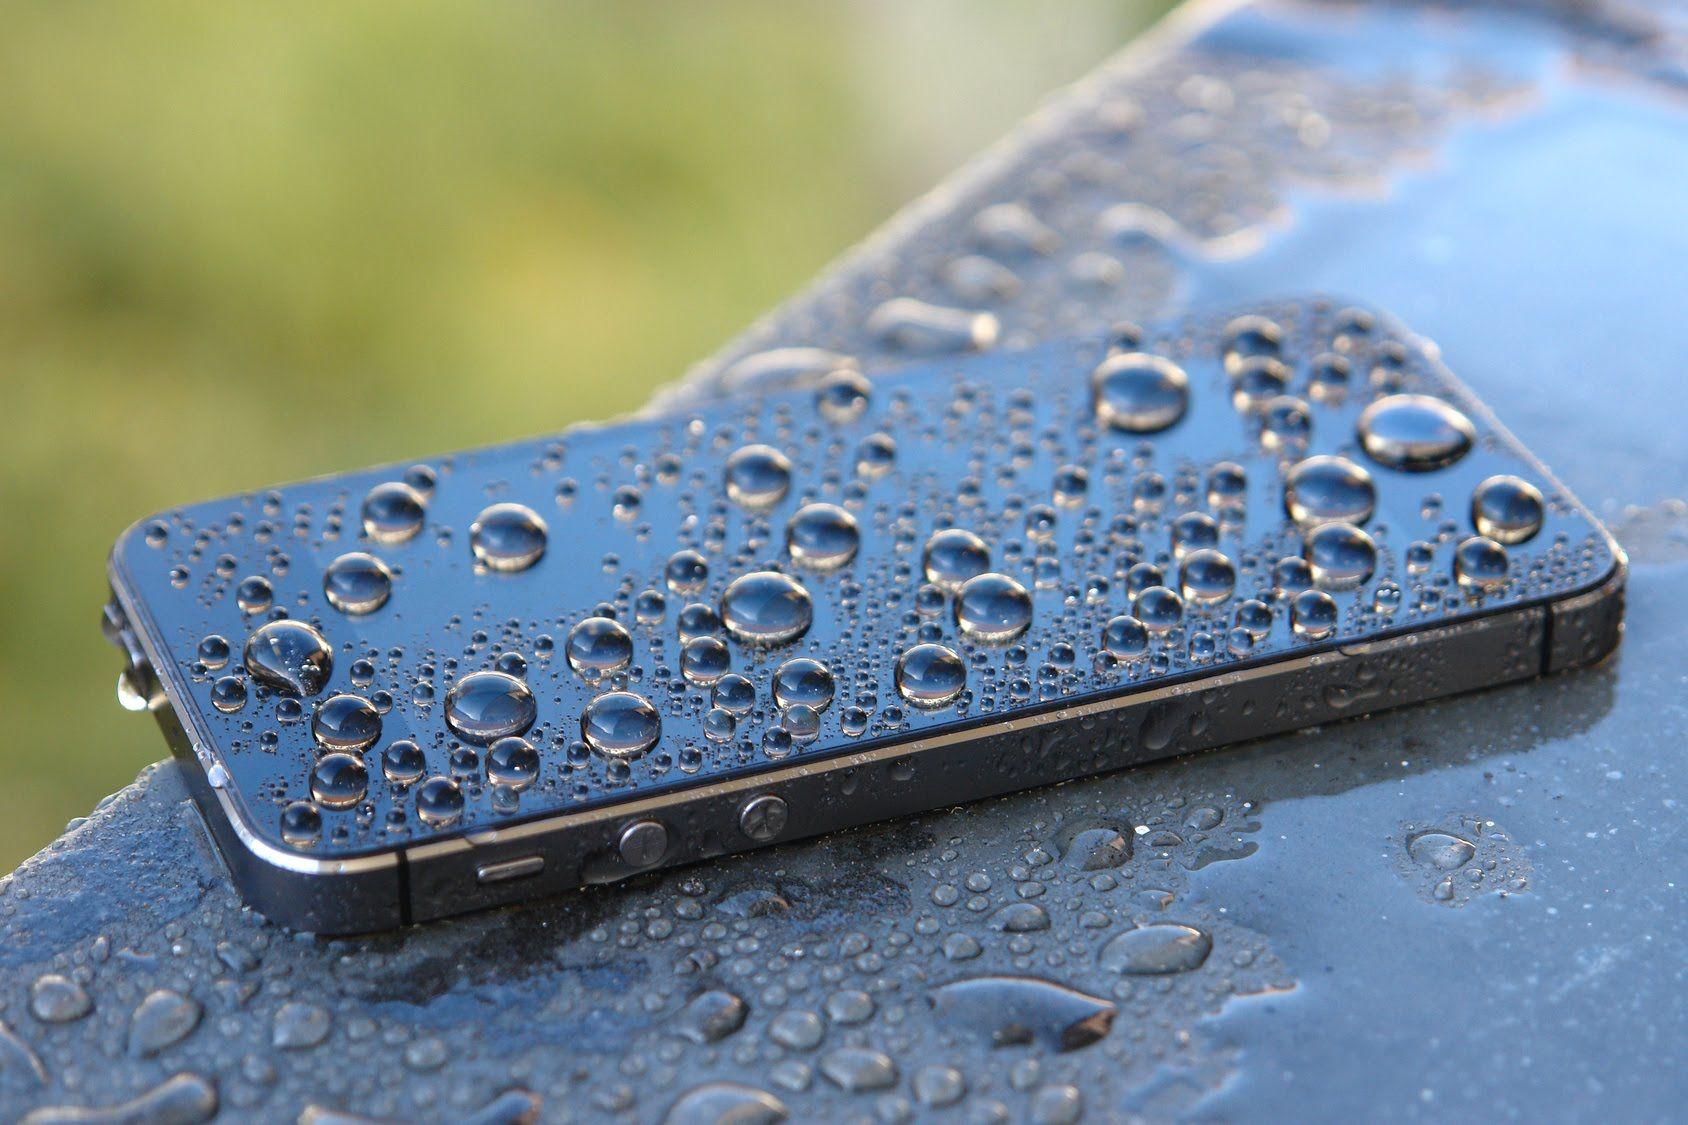 iphone sıvı teması durumunda ne yapılmalıdır